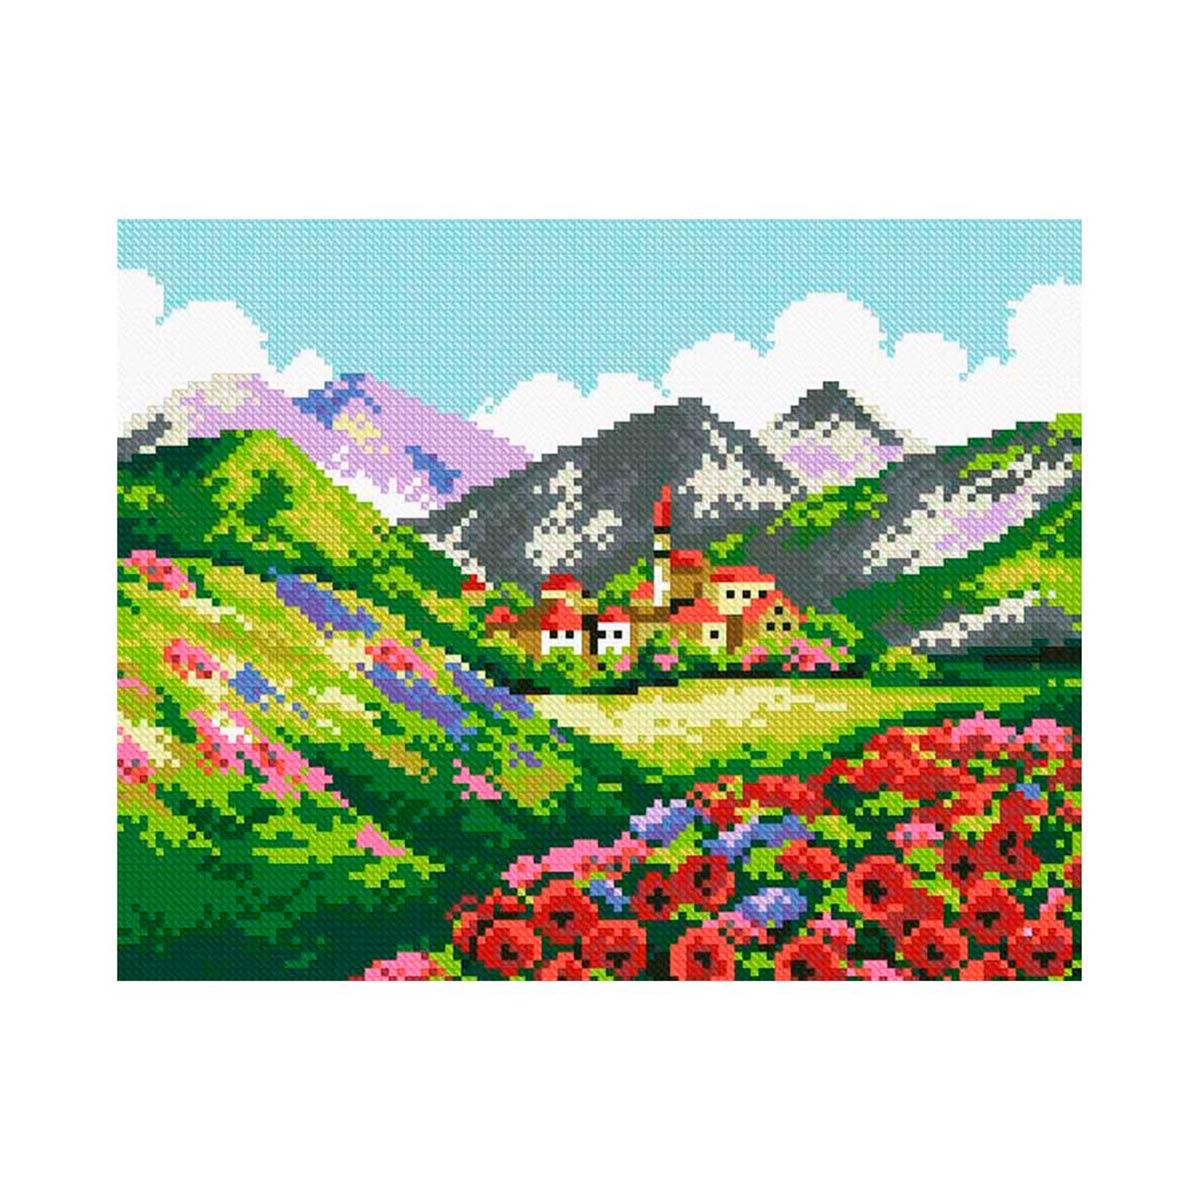 7508 Мозаика Cristal 'Город в горах', 35*30 см